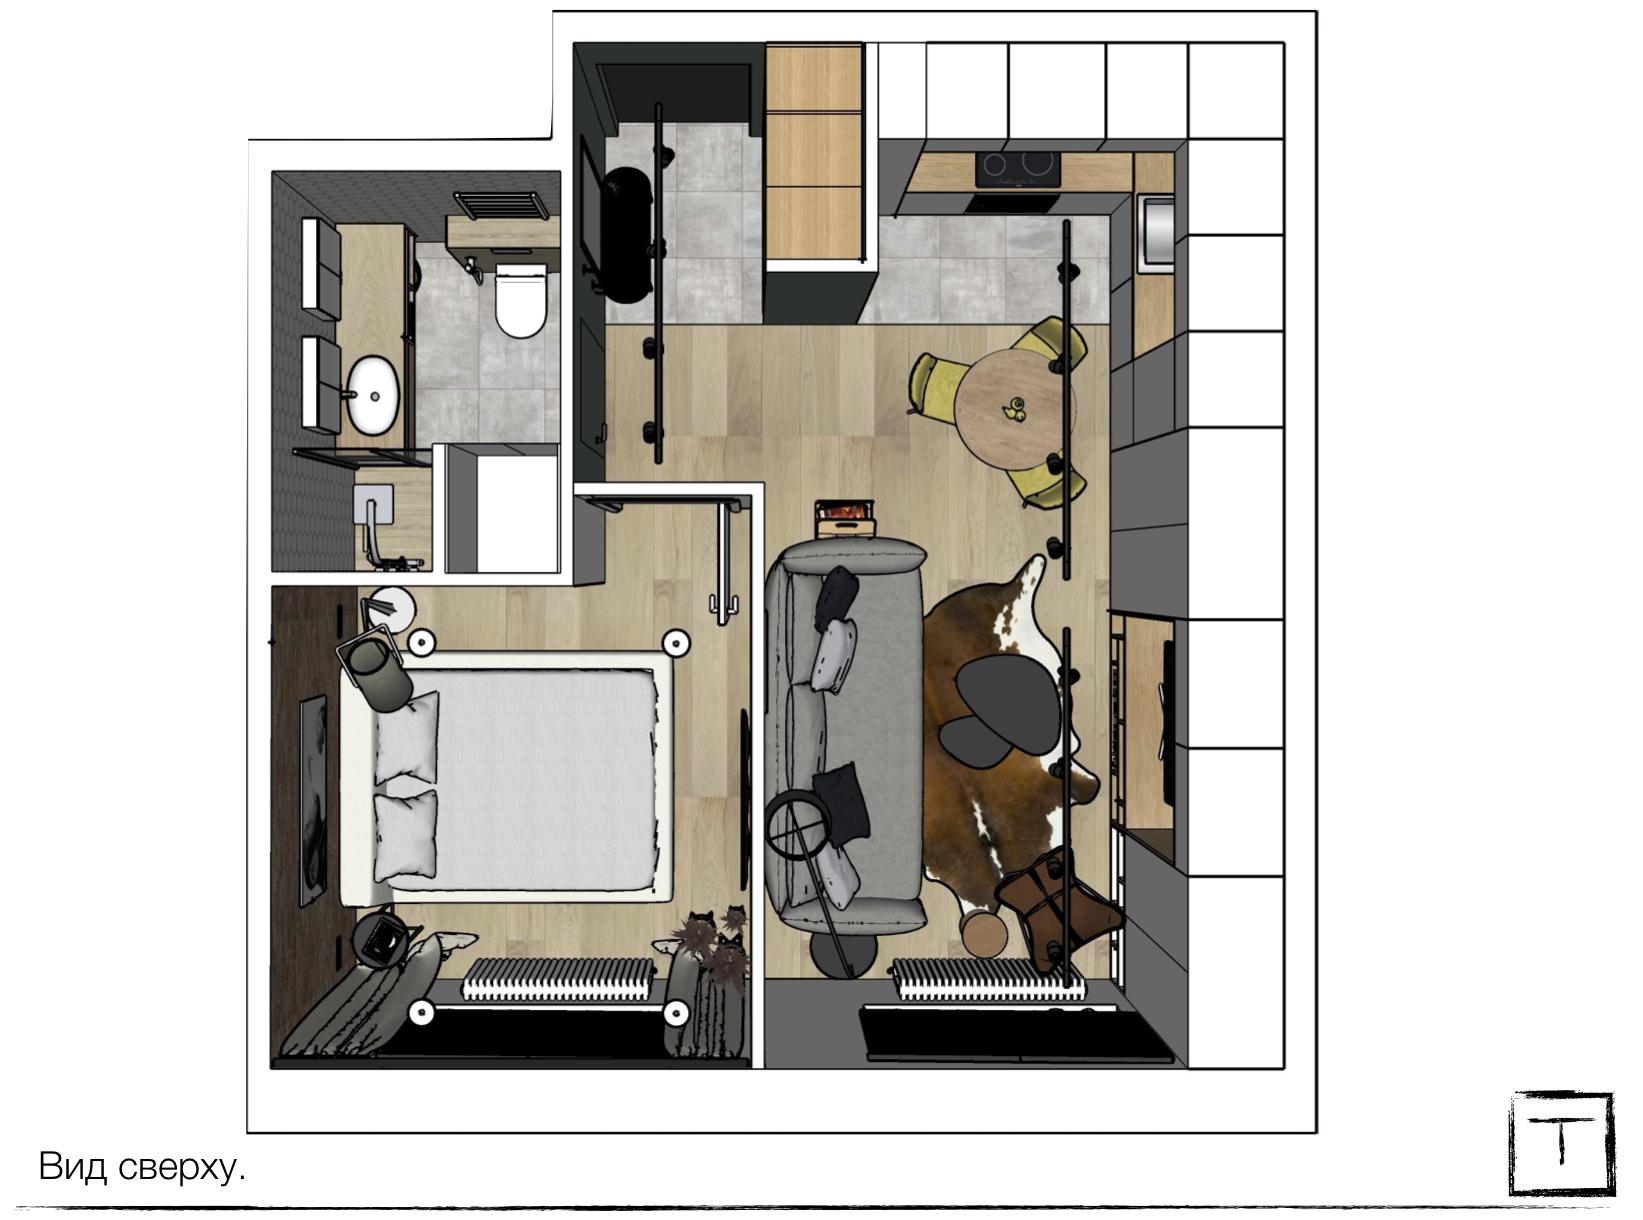 Планировка квартиры жк ясный